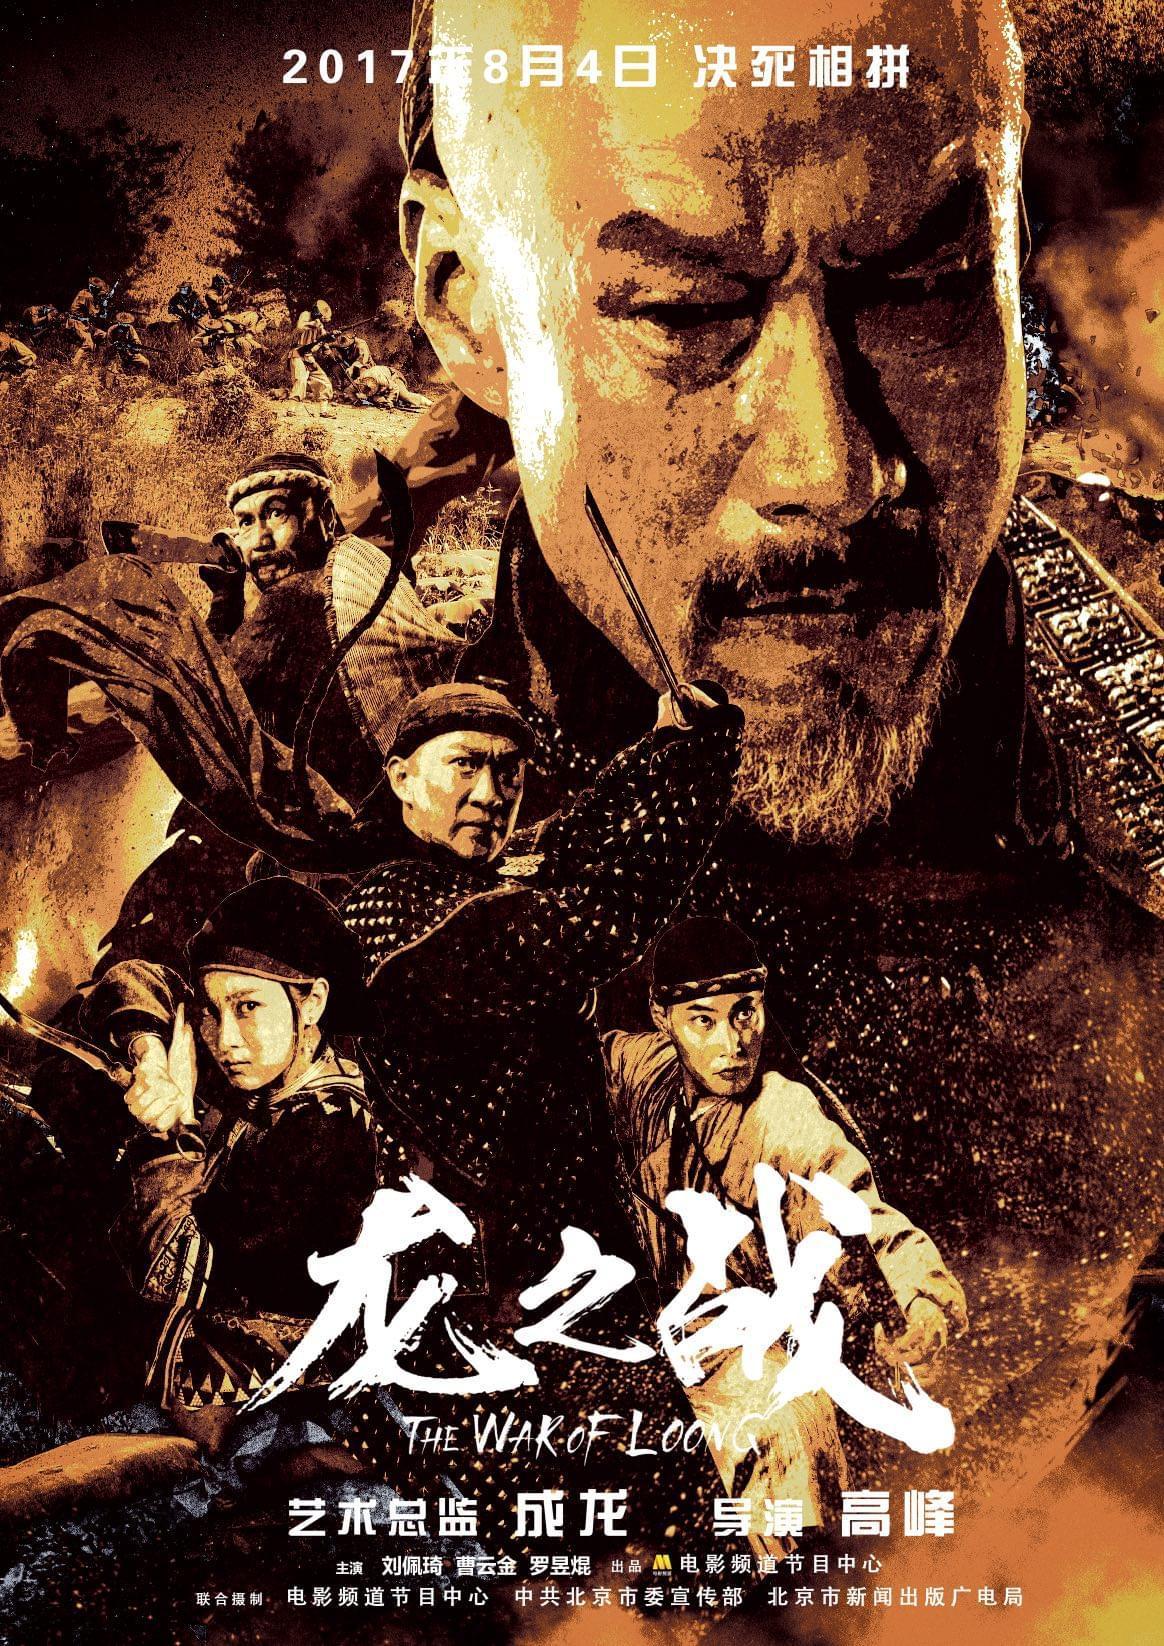 《龙之战》1080p.HD国语中字 – 2017动作战争